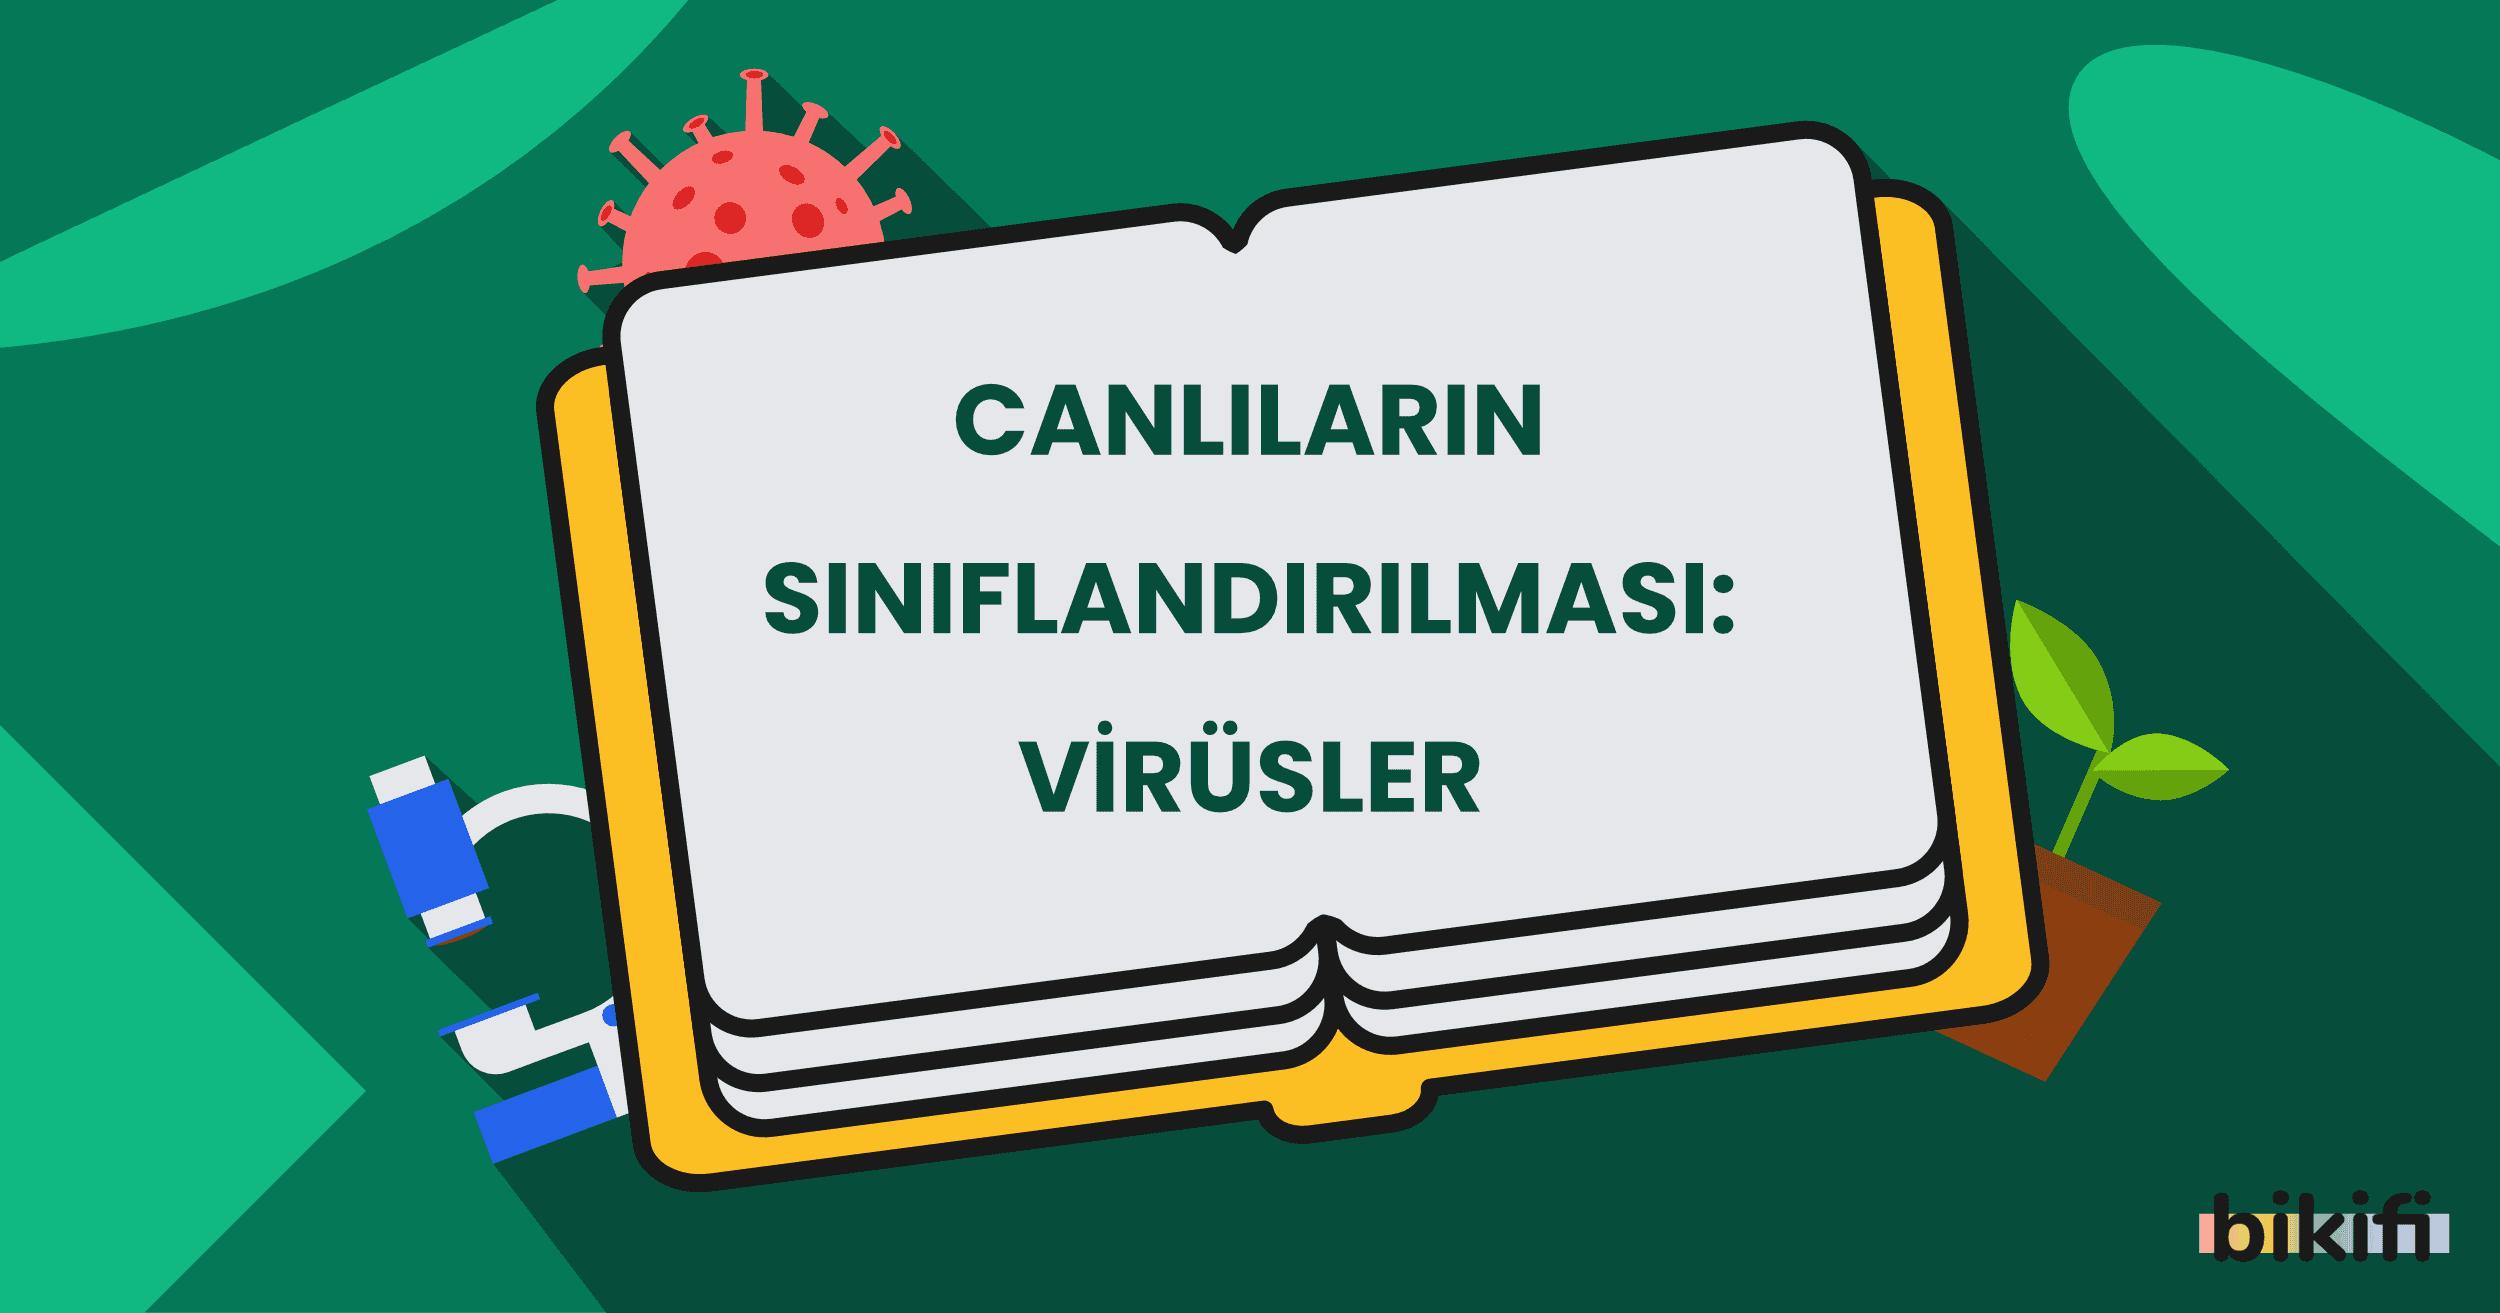 Canlıların Sınıflandırılması: Virüsler